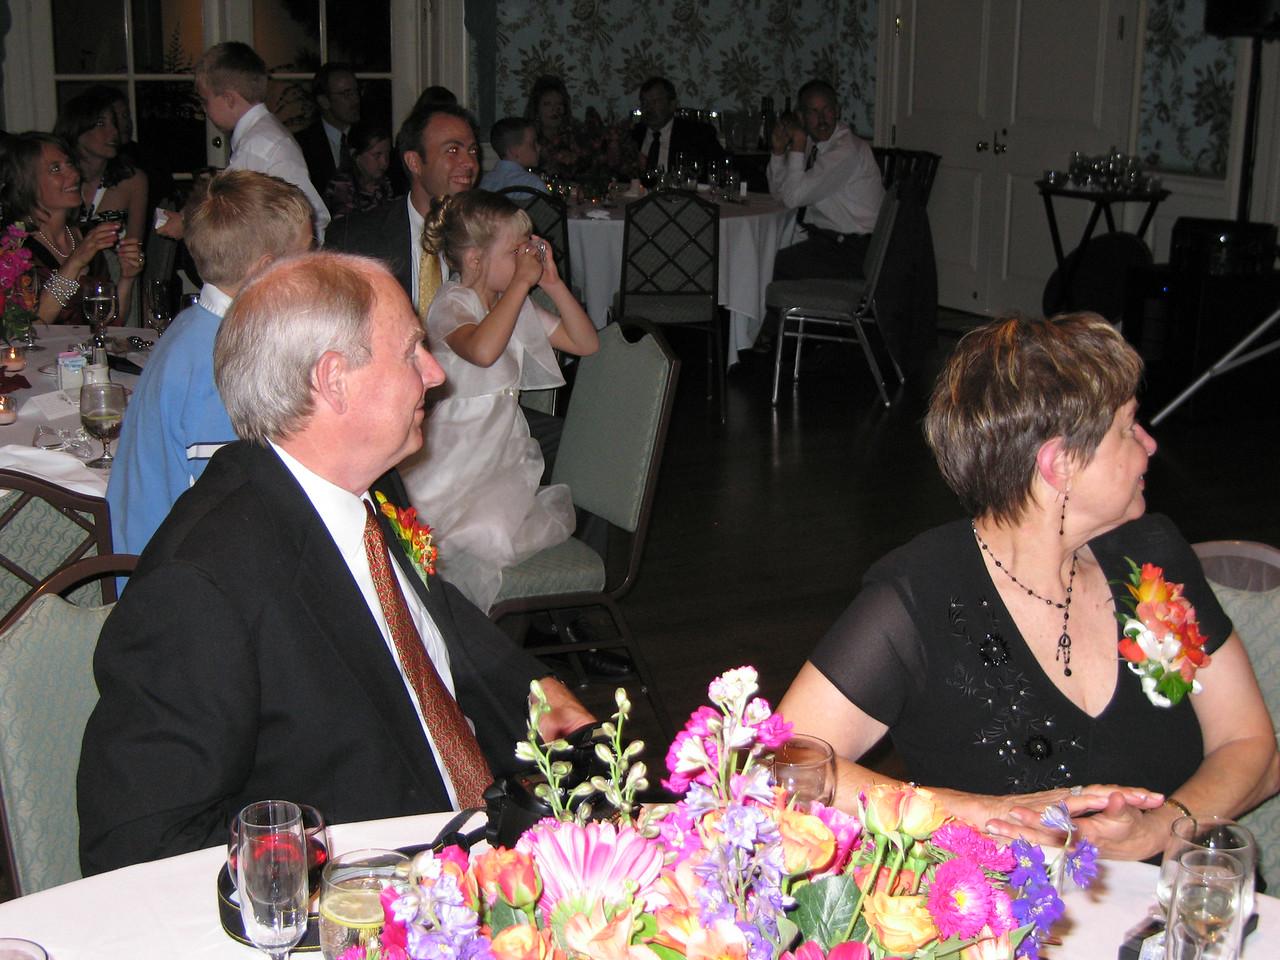 Heather's parents watching the dance floor